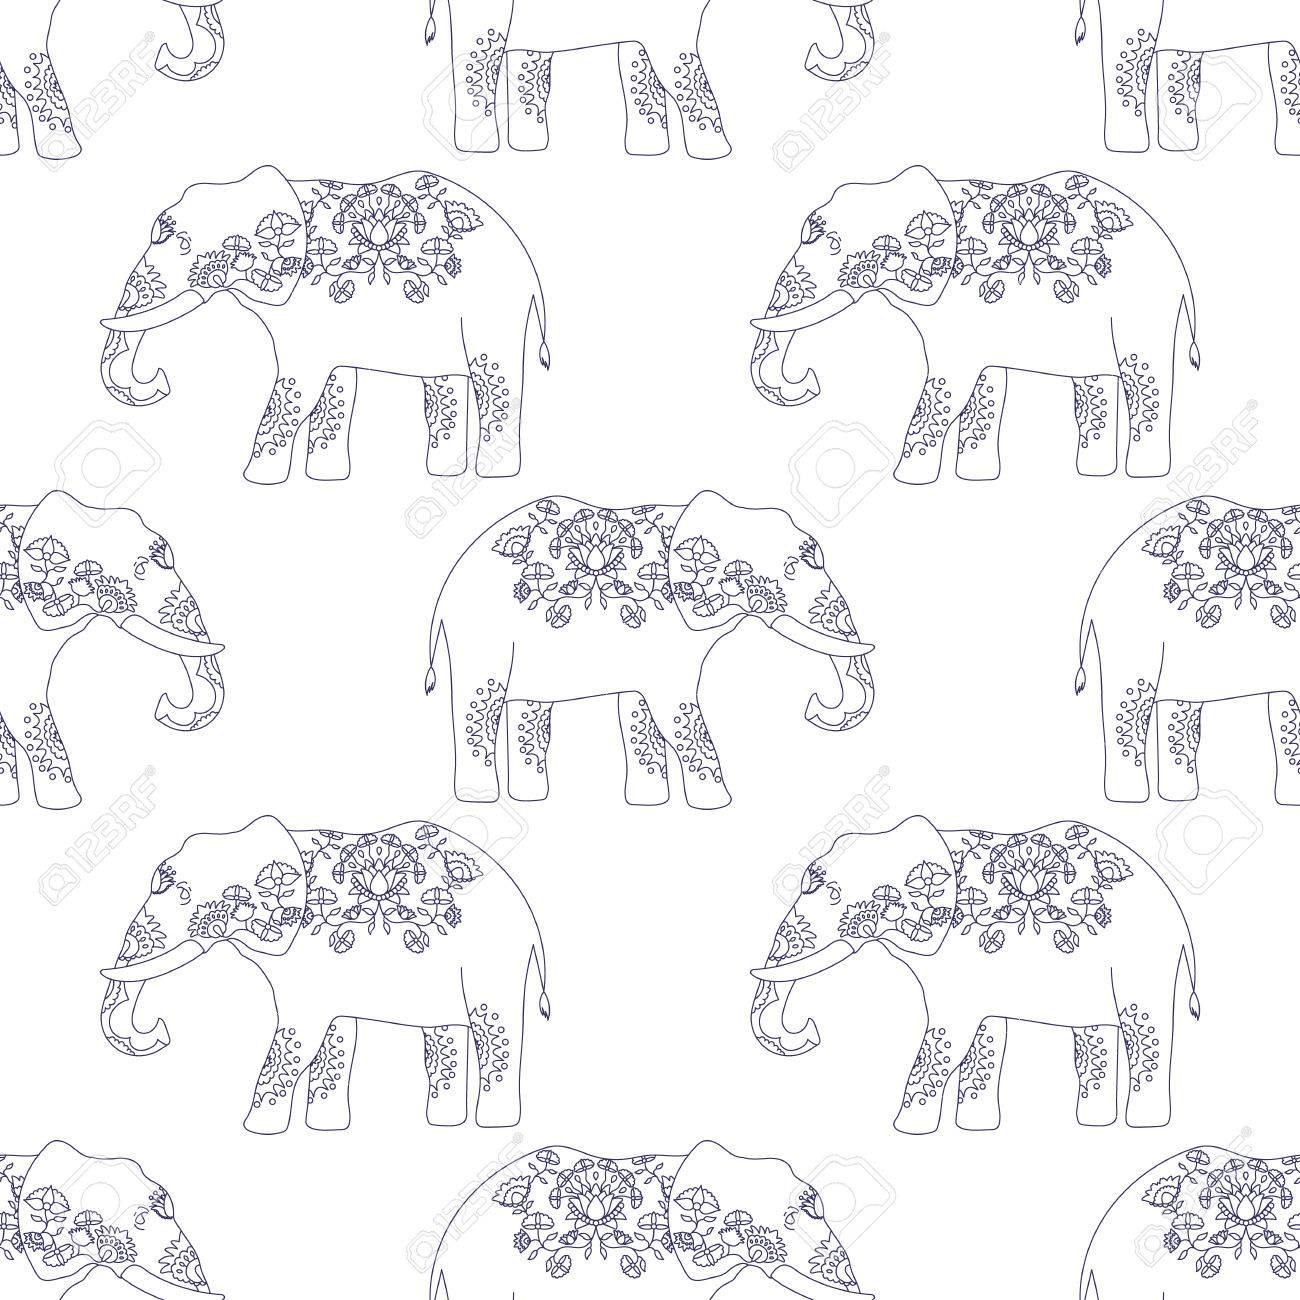 Beste Nahtloses Muster Mit Indischen Elefanten Mit Schönen Muster WM-41